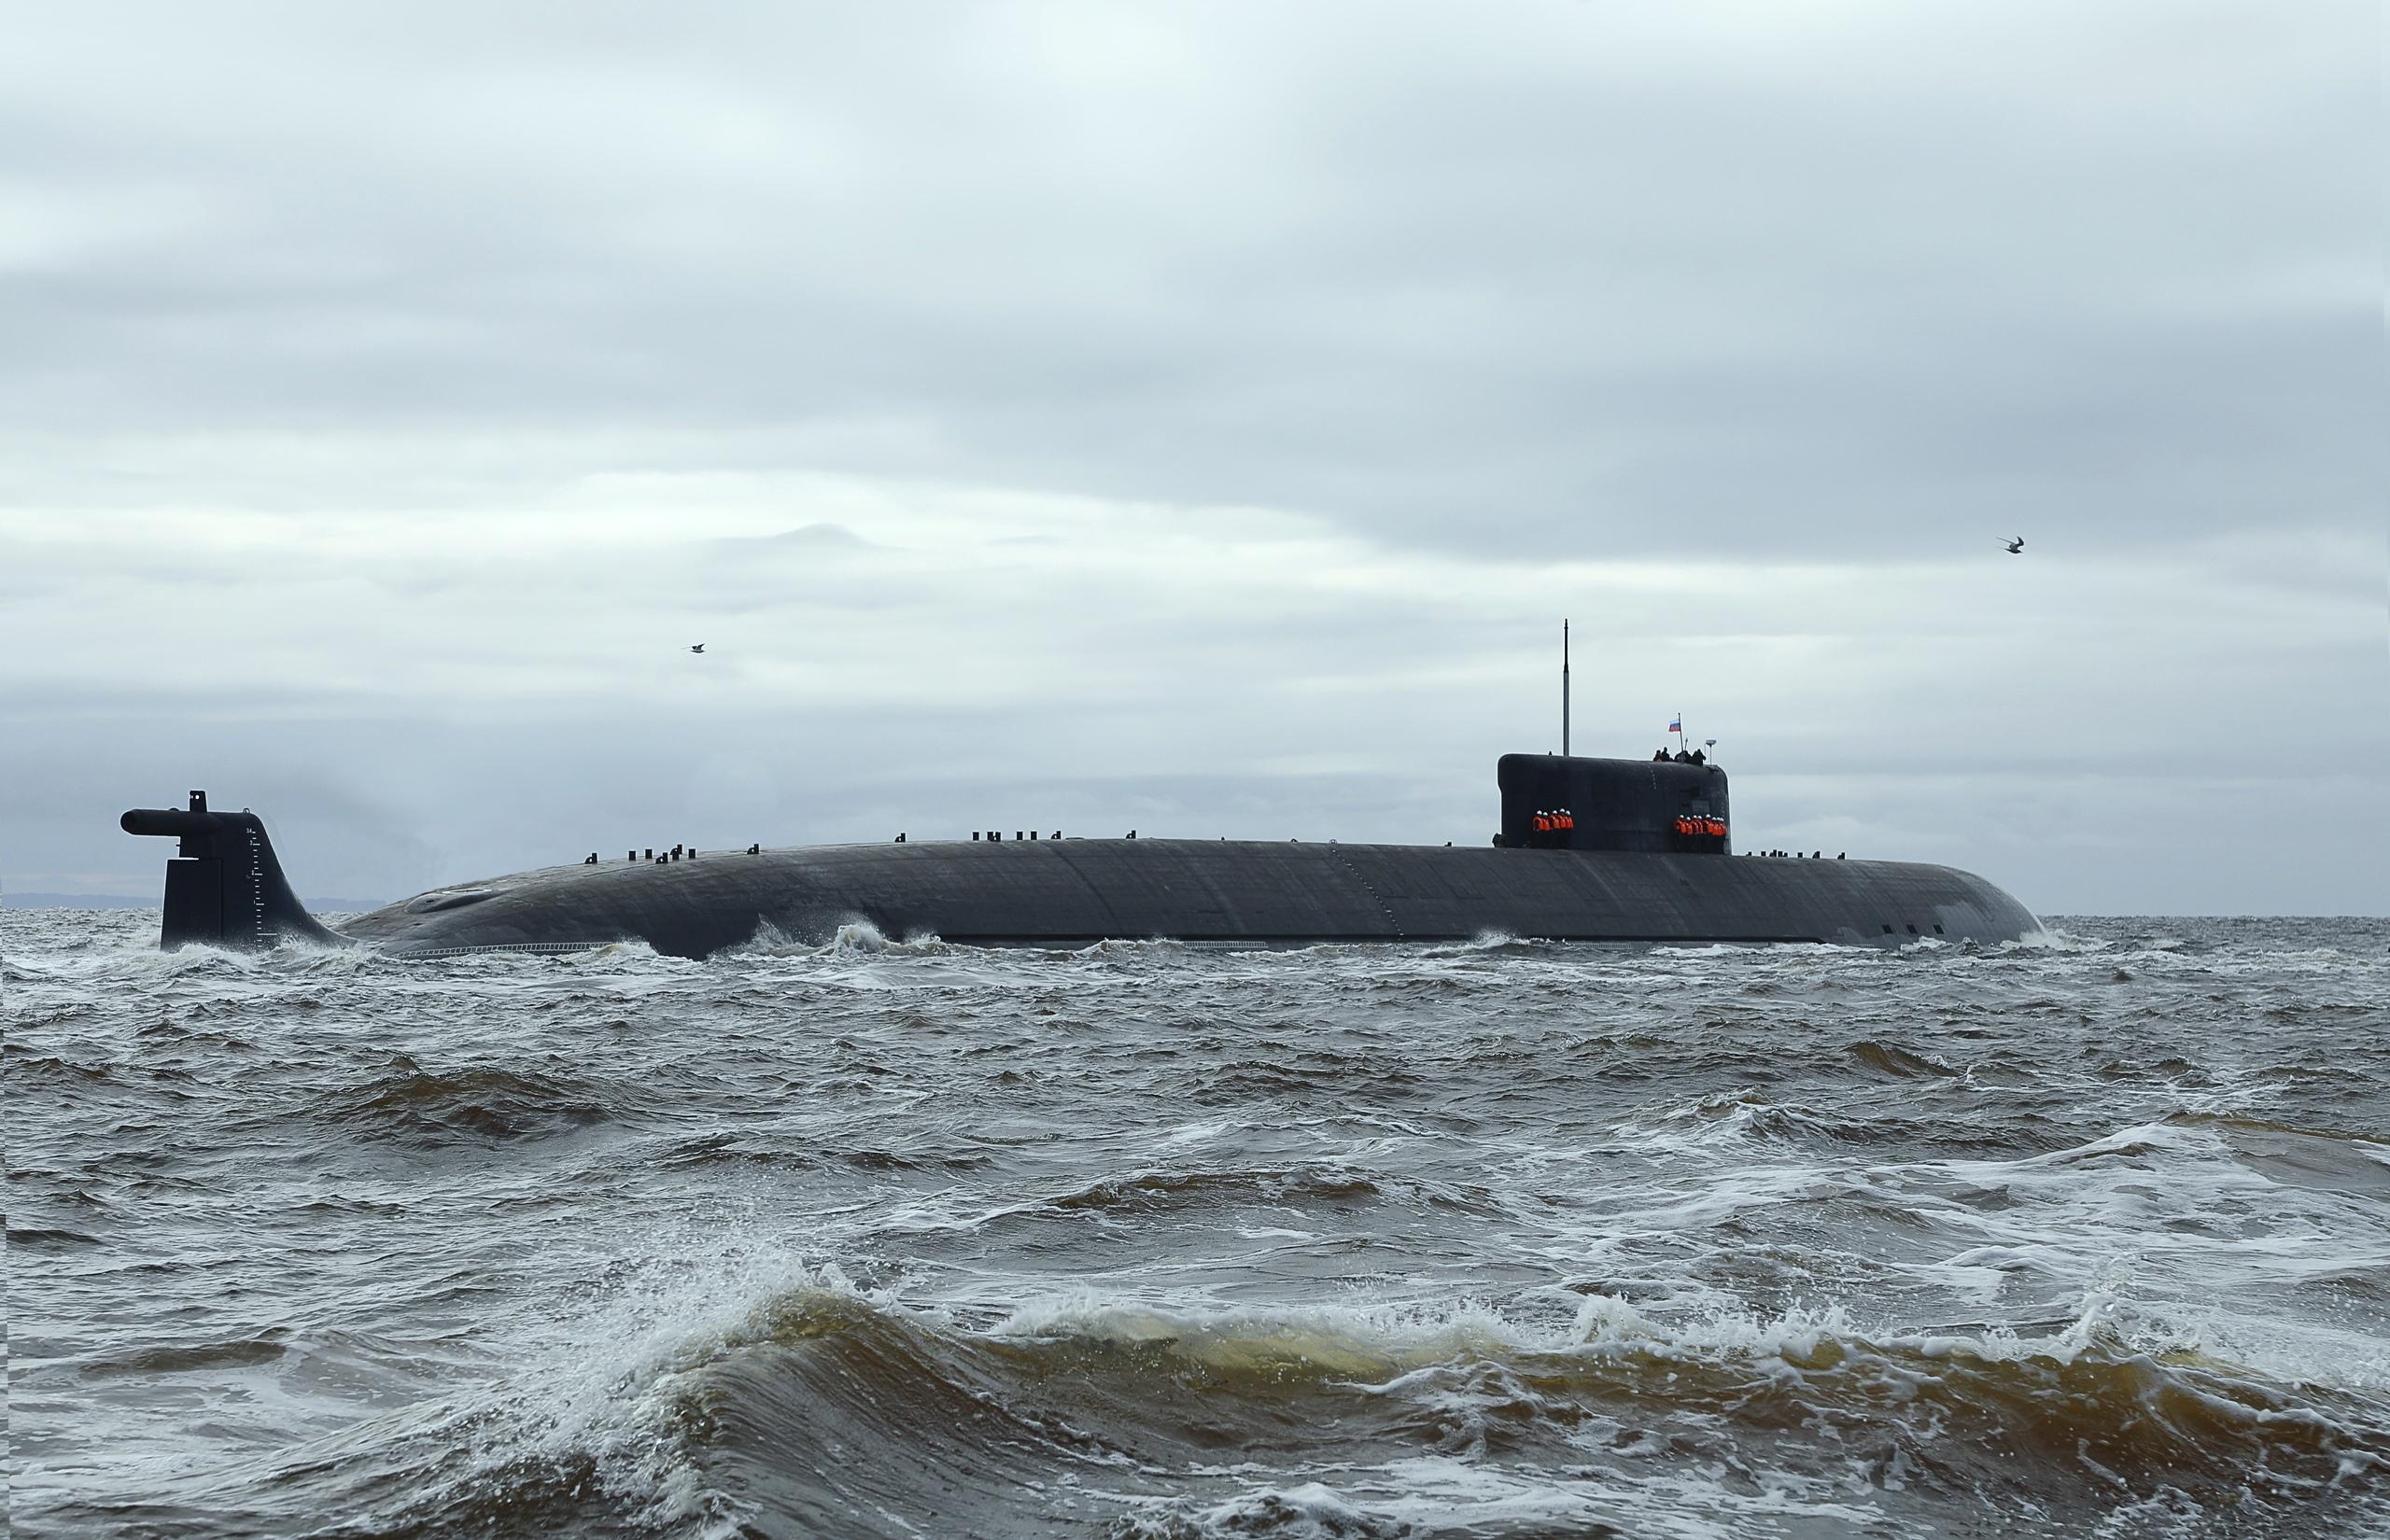 Poseidon carrier Submarines - Page 7 25-9818693-6w4saudzhkq